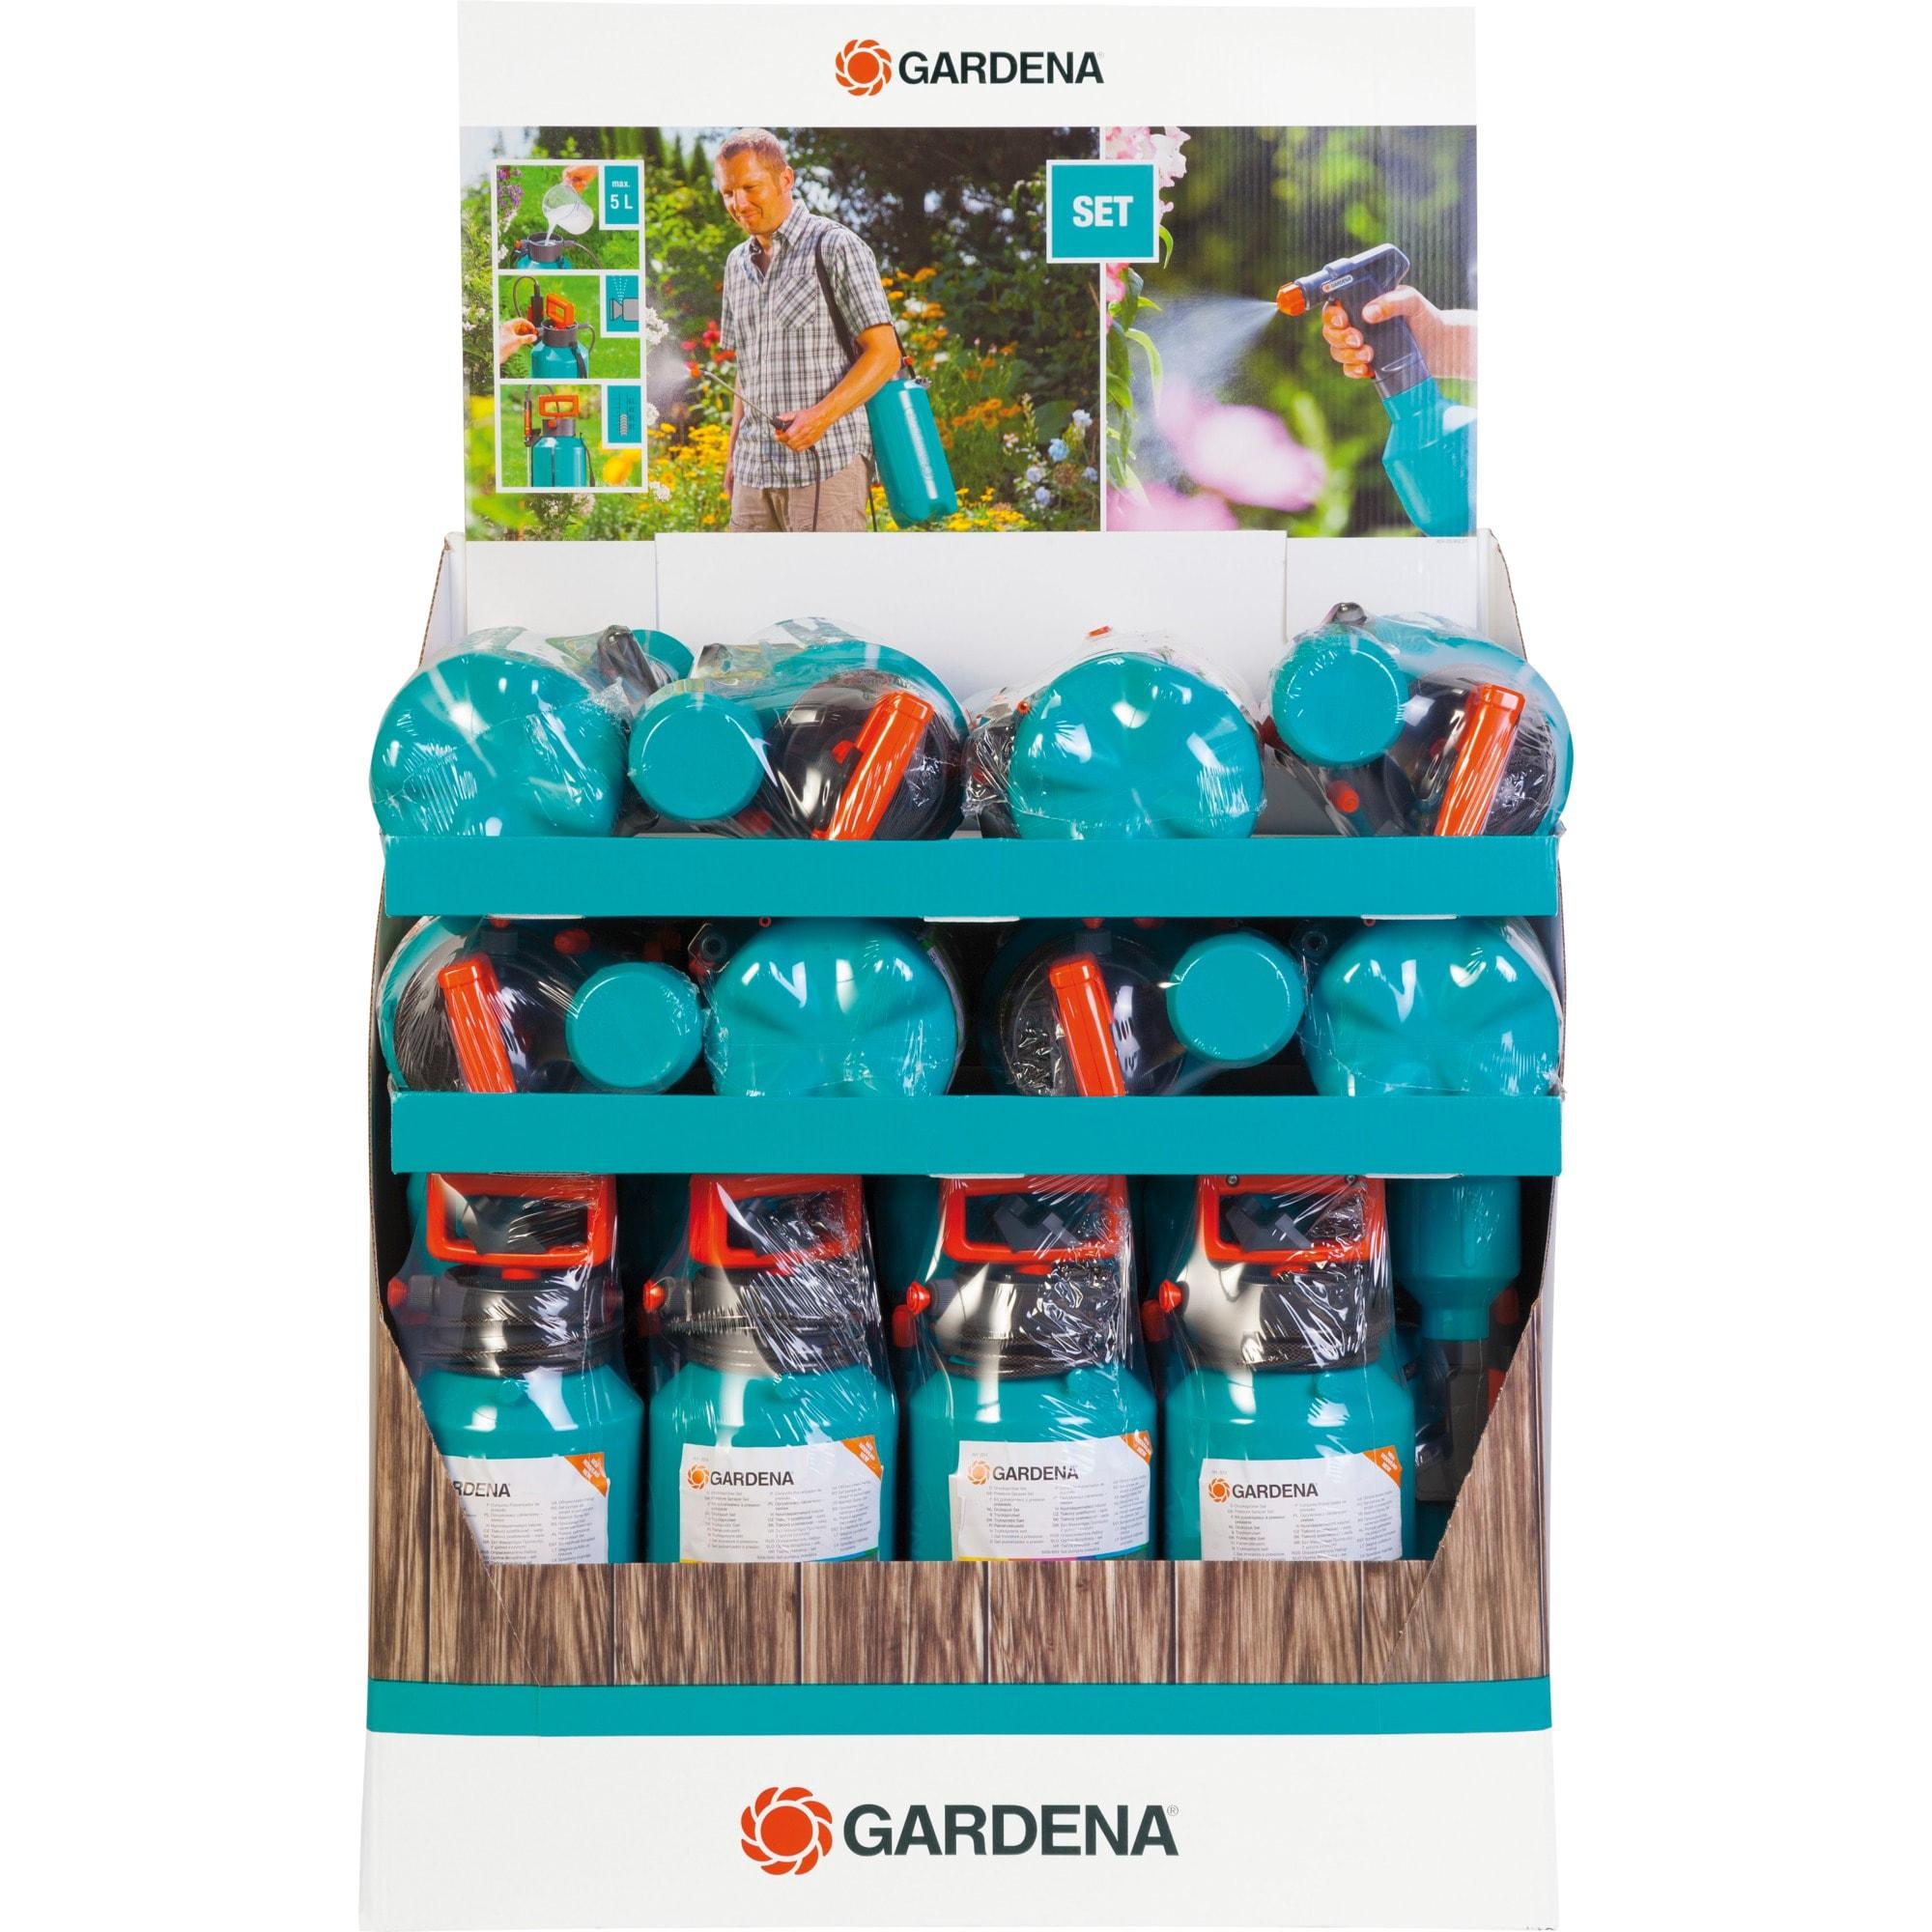 Gardena Drucksprüher-Set